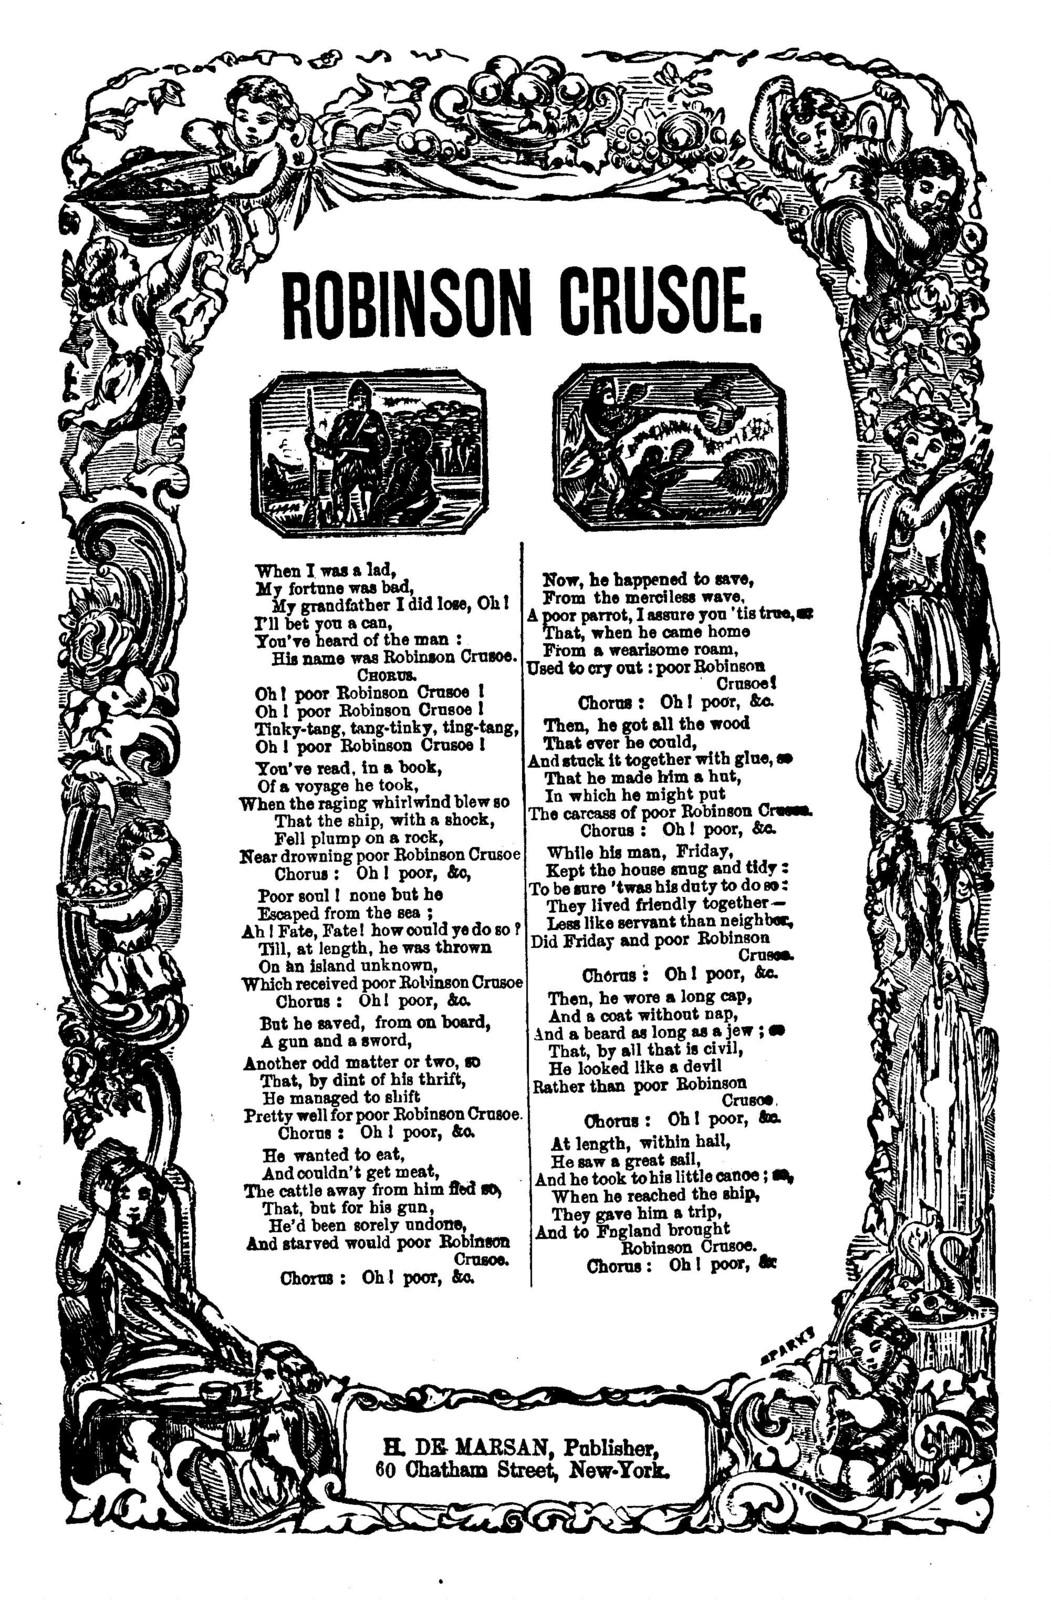 Robinson Crusoe. H. De Marsan, Publisher, 60 Chatham Street, N. Y